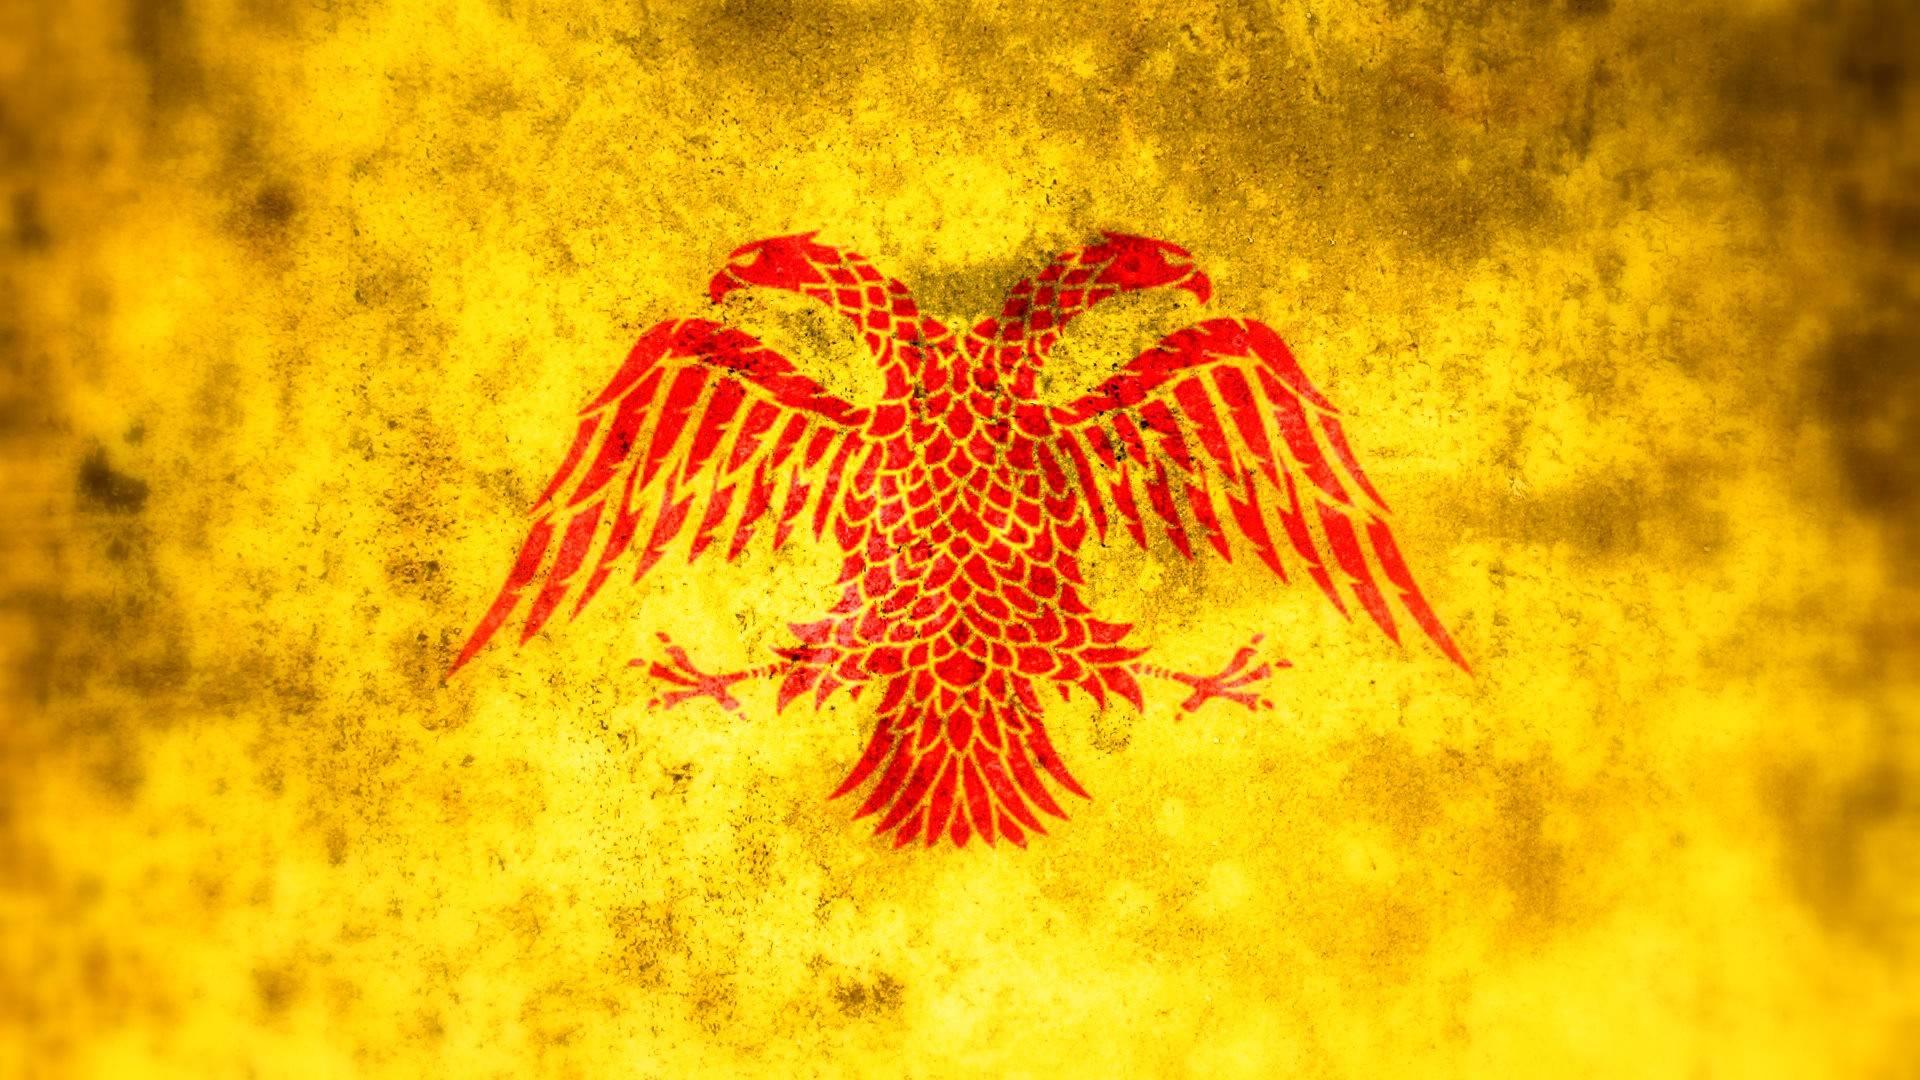 Serbia Serbian 19201080 Wallpaper 1705069 1920x1080